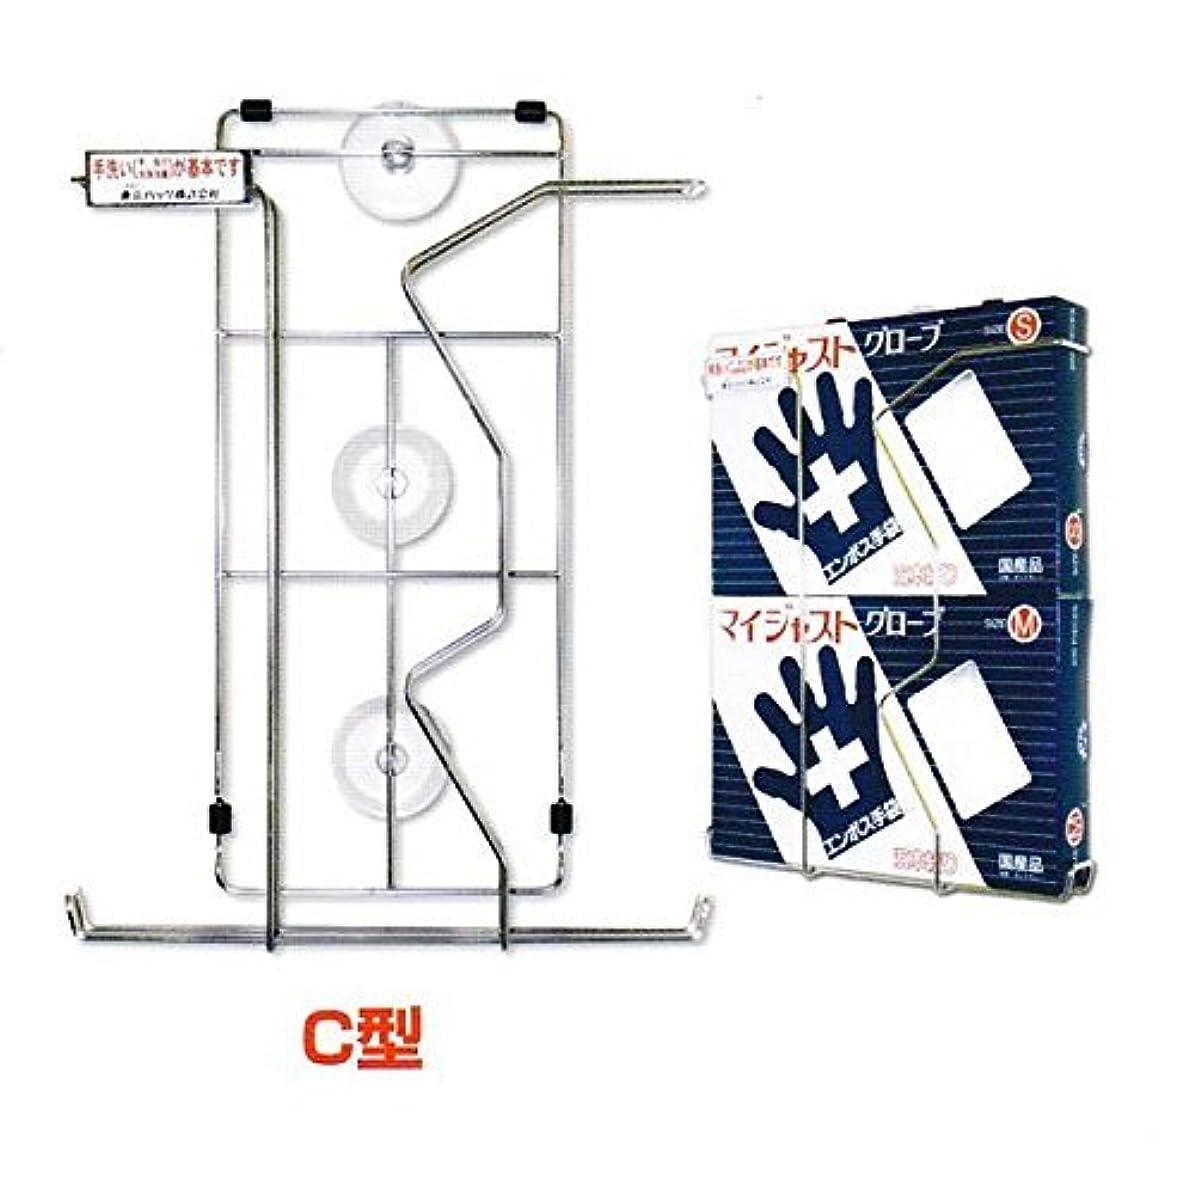 思い出研磨剤理論エンボス手袋化粧箱 専用ハンガーC型 東京パック